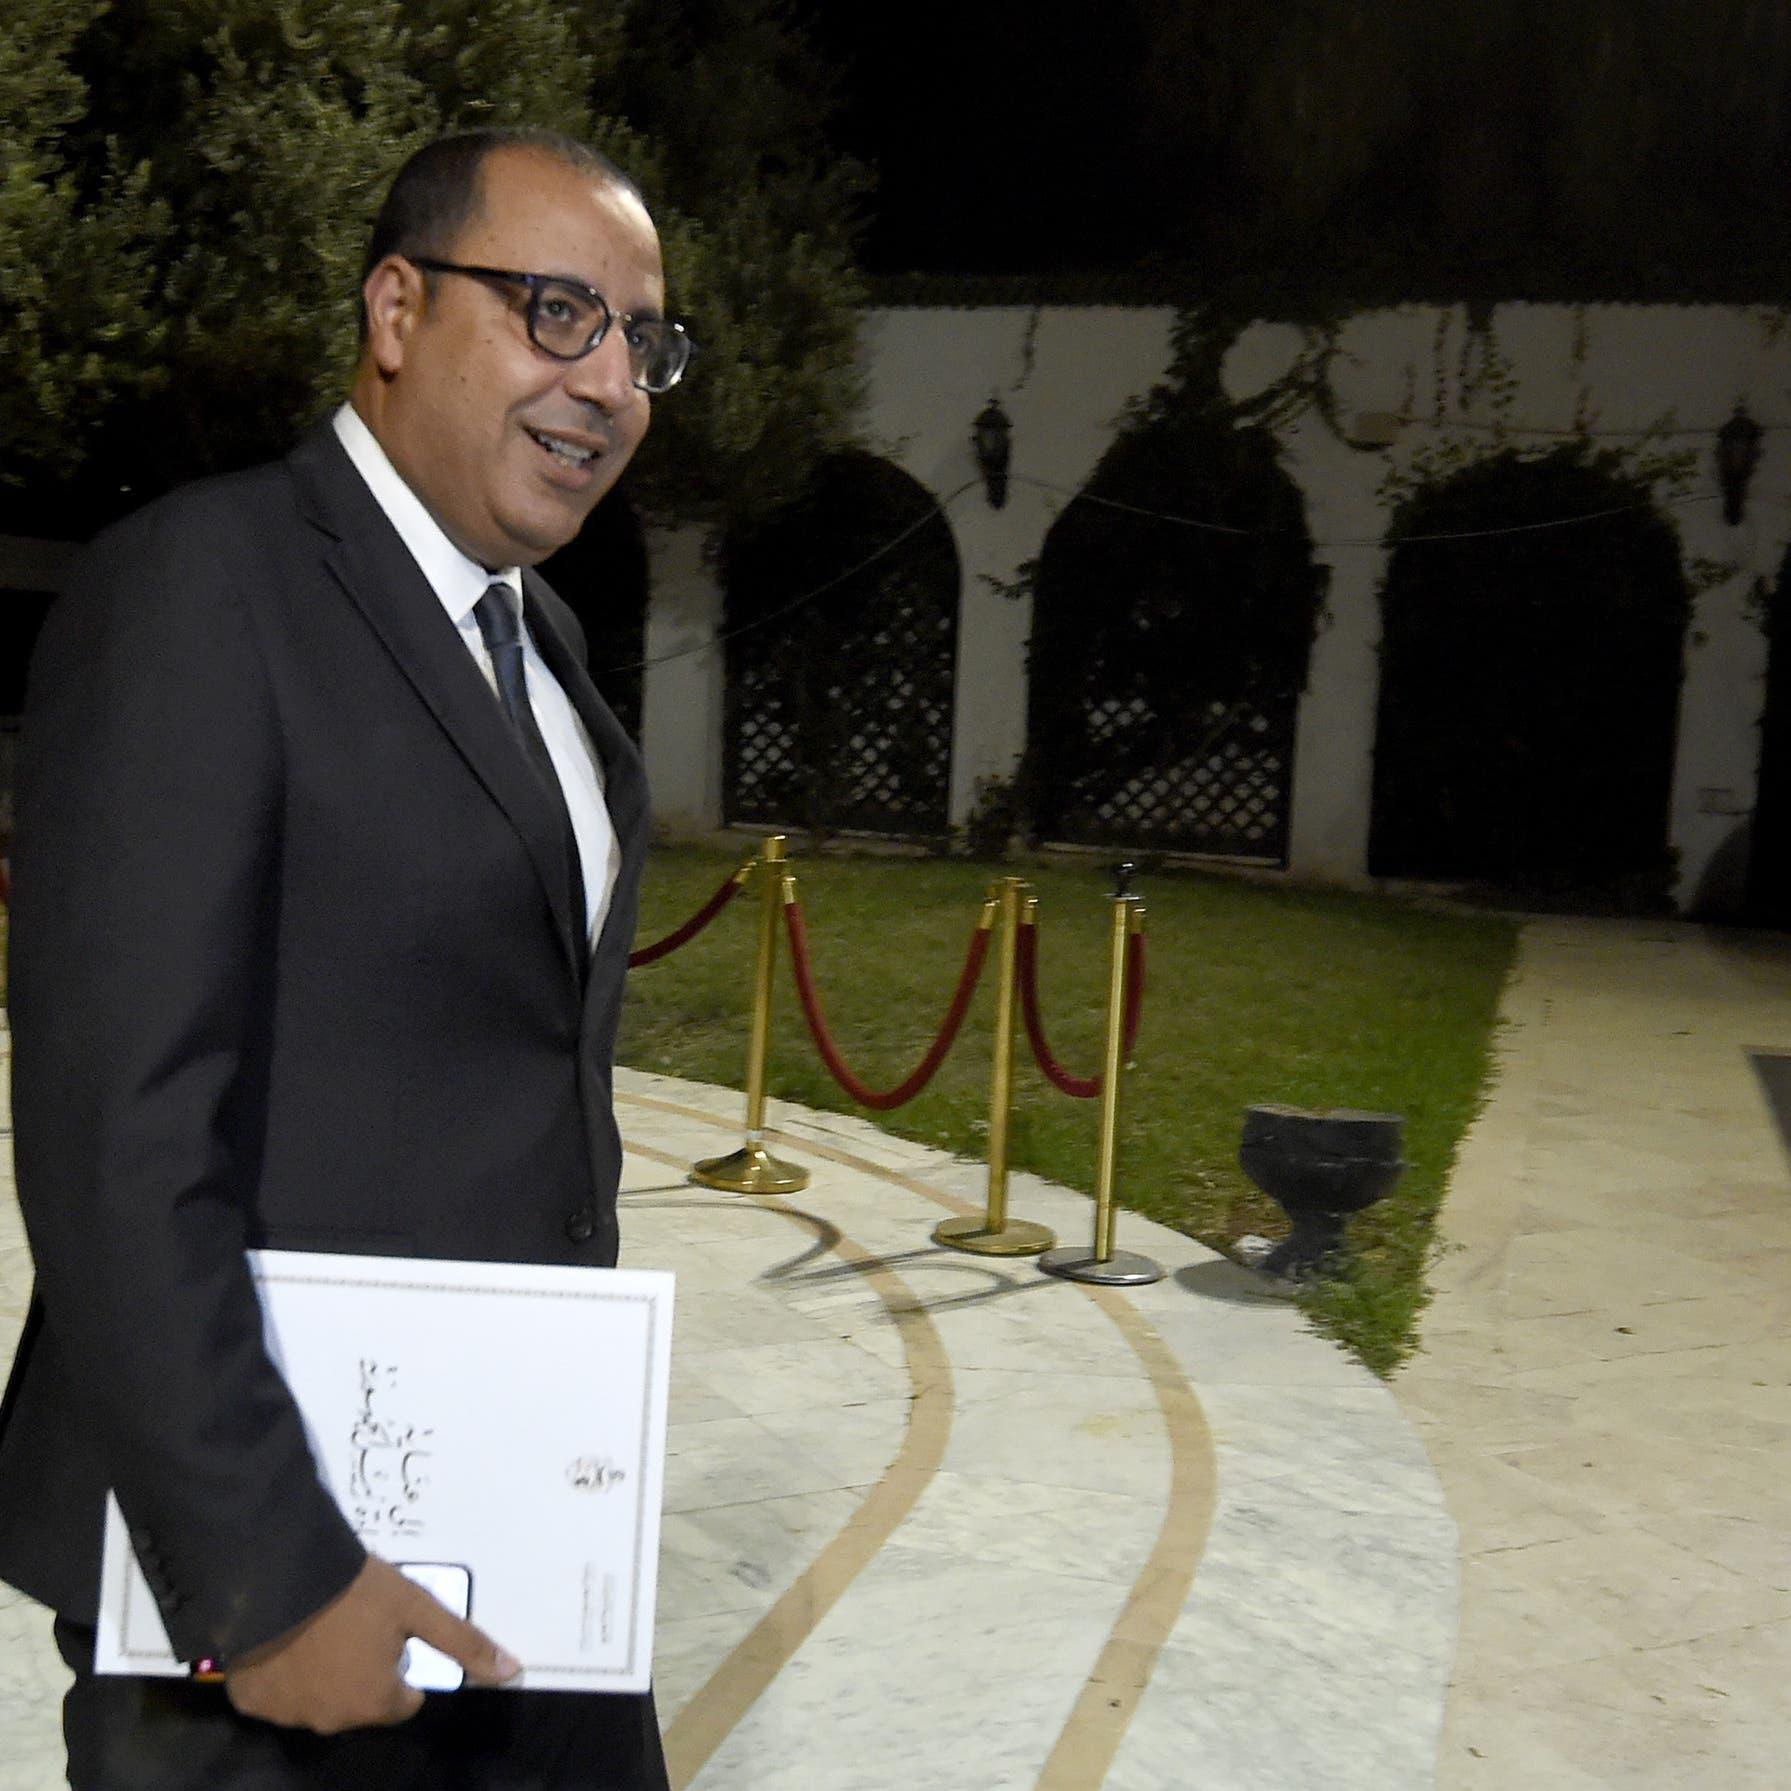 شبهات فساد تلاحق وزراء مقترحين بتونس.. ومنظمات تحذر